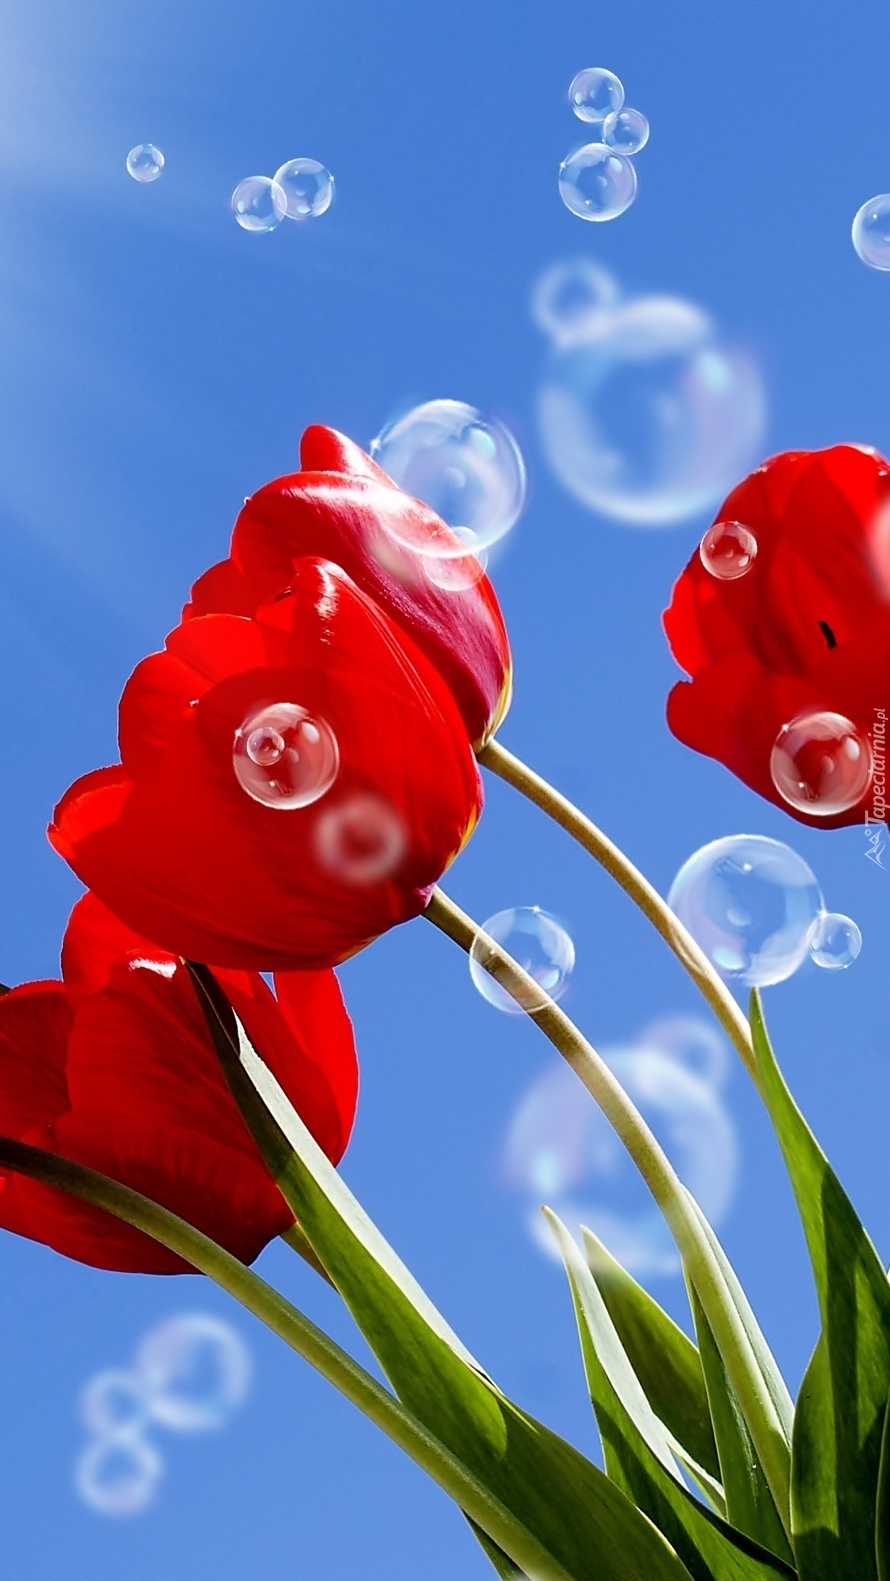 Bańki na niebie i czerwone tulipany